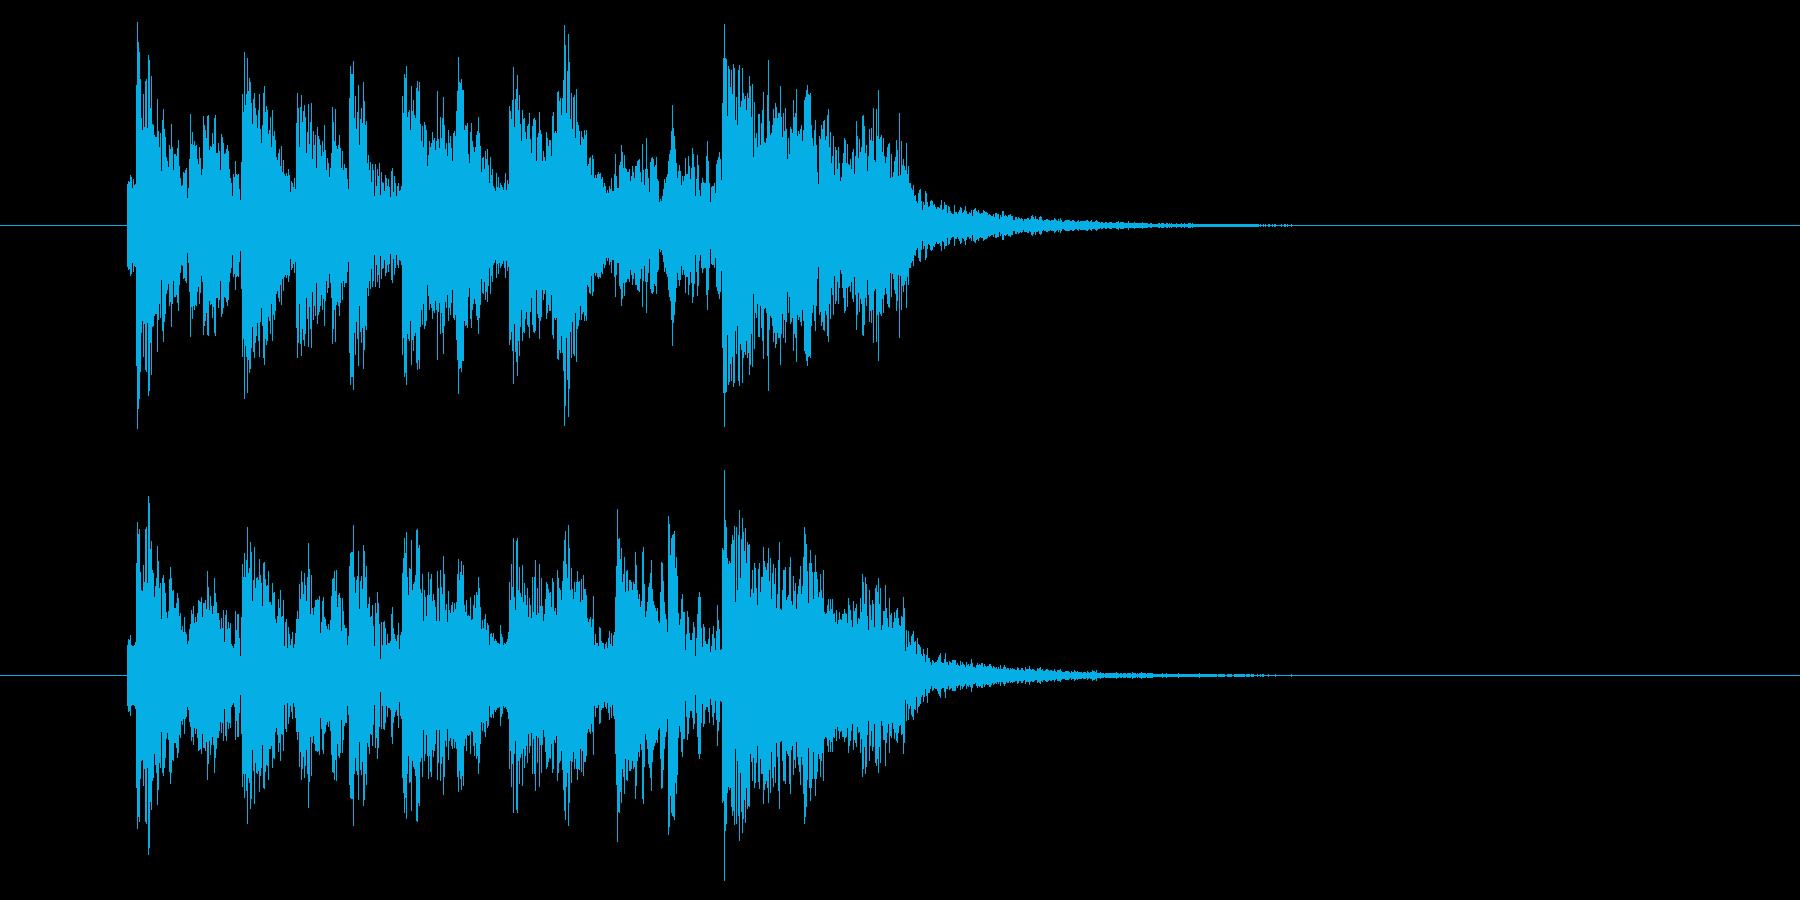 チャラチャラッチャチャチャン(区切り)の再生済みの波形